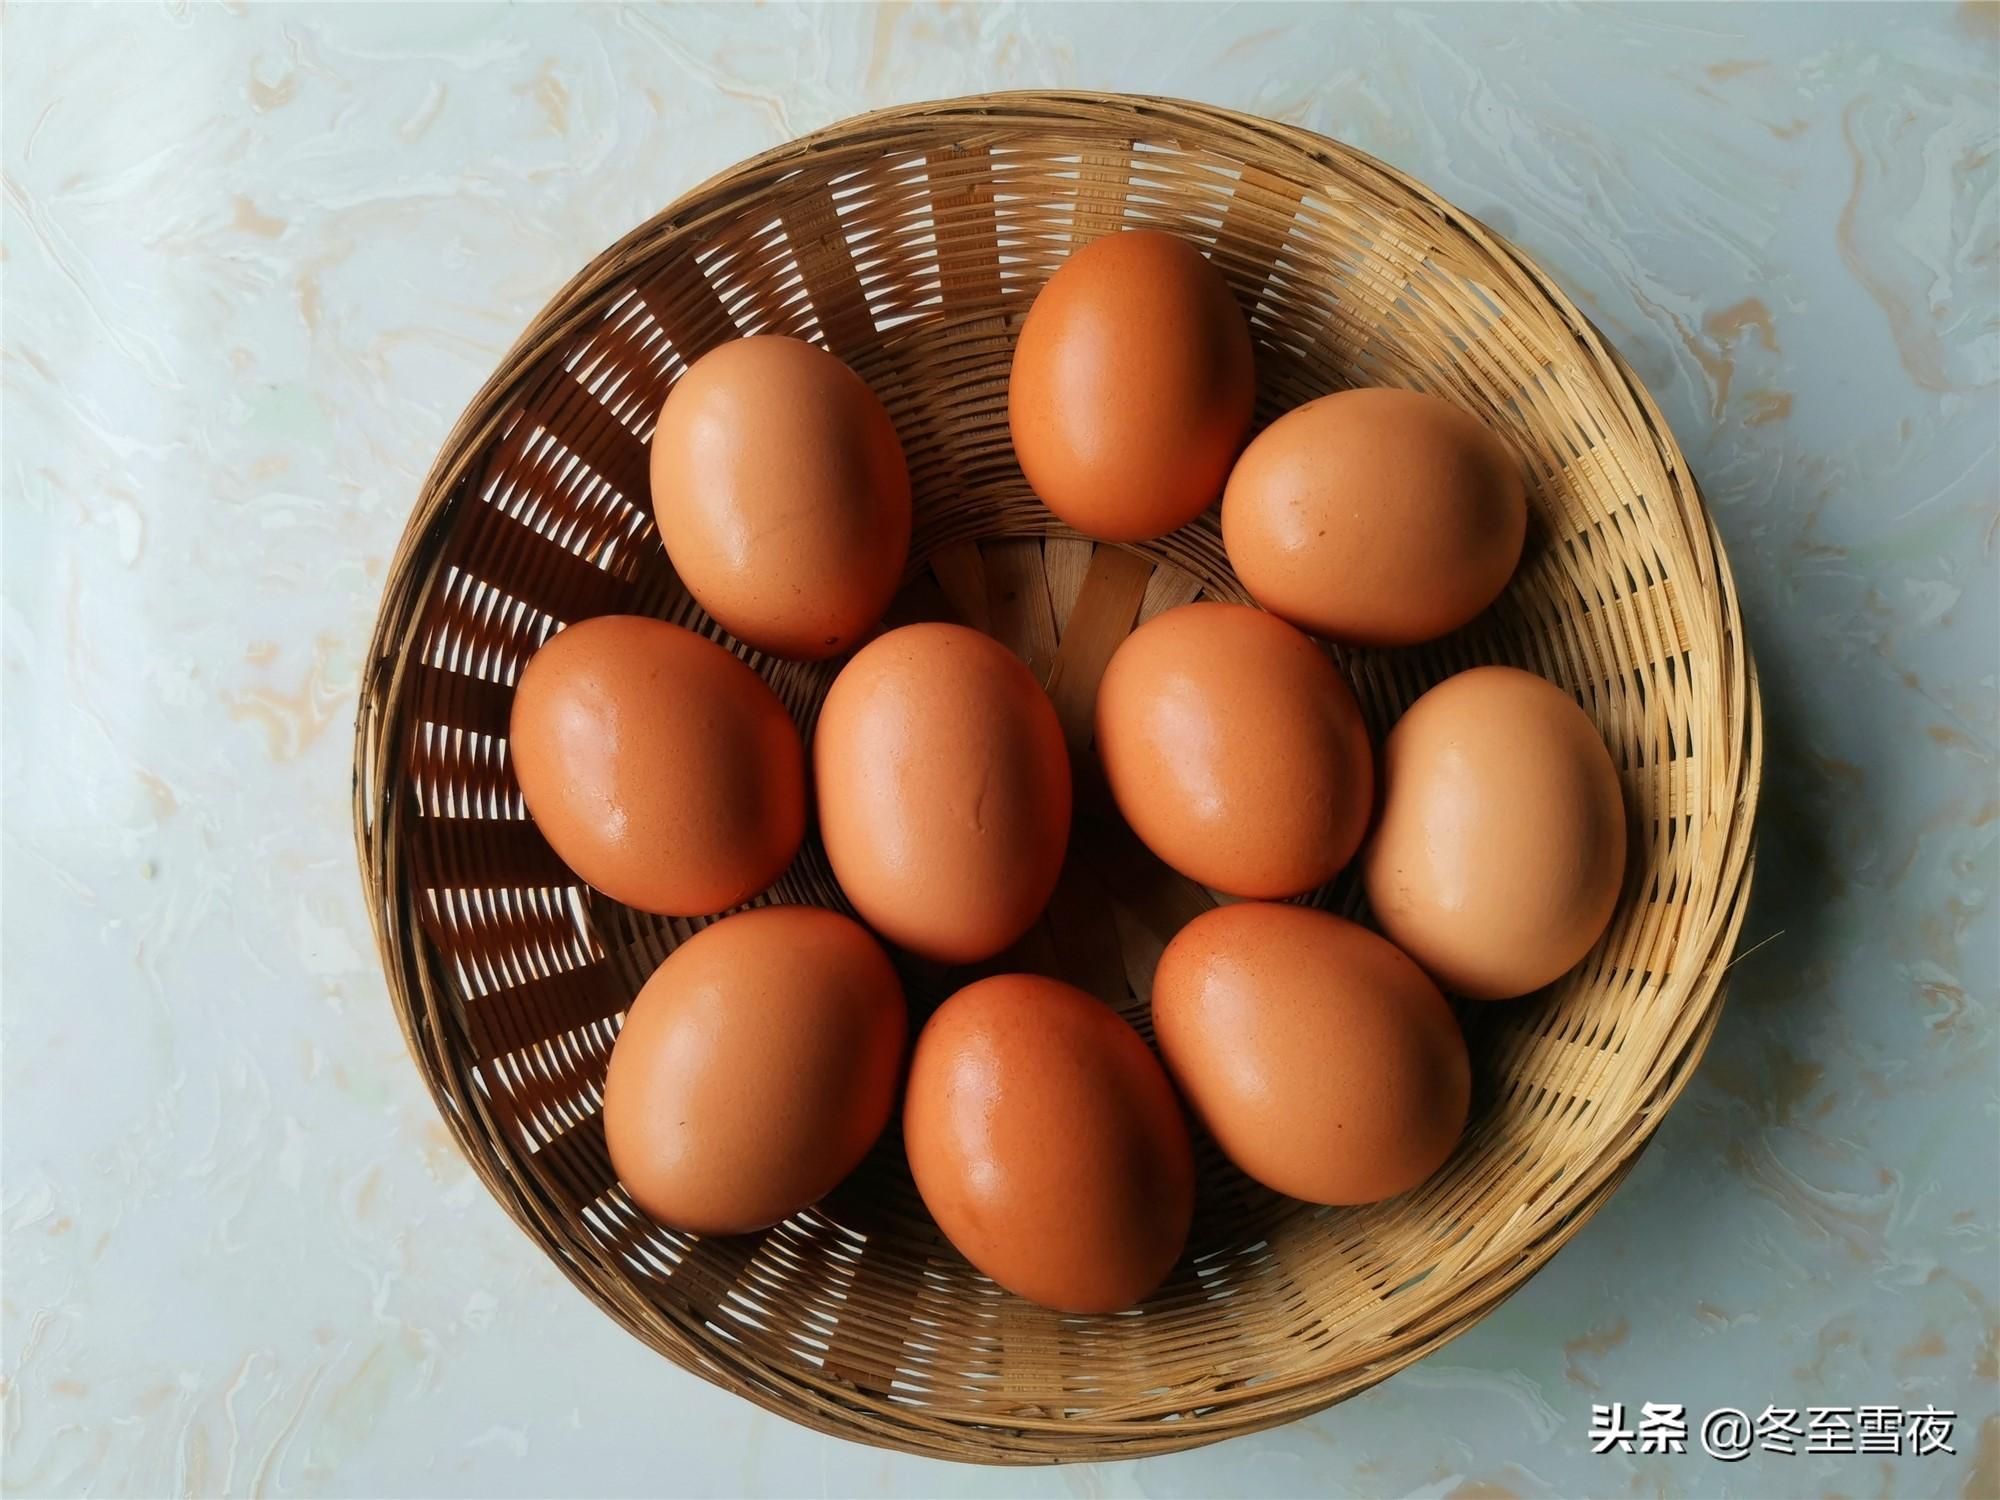 """教你在家做""""乡巴佬""""卤蛋,一滴水也不放,这个调料不能少 美食做法 第2张"""